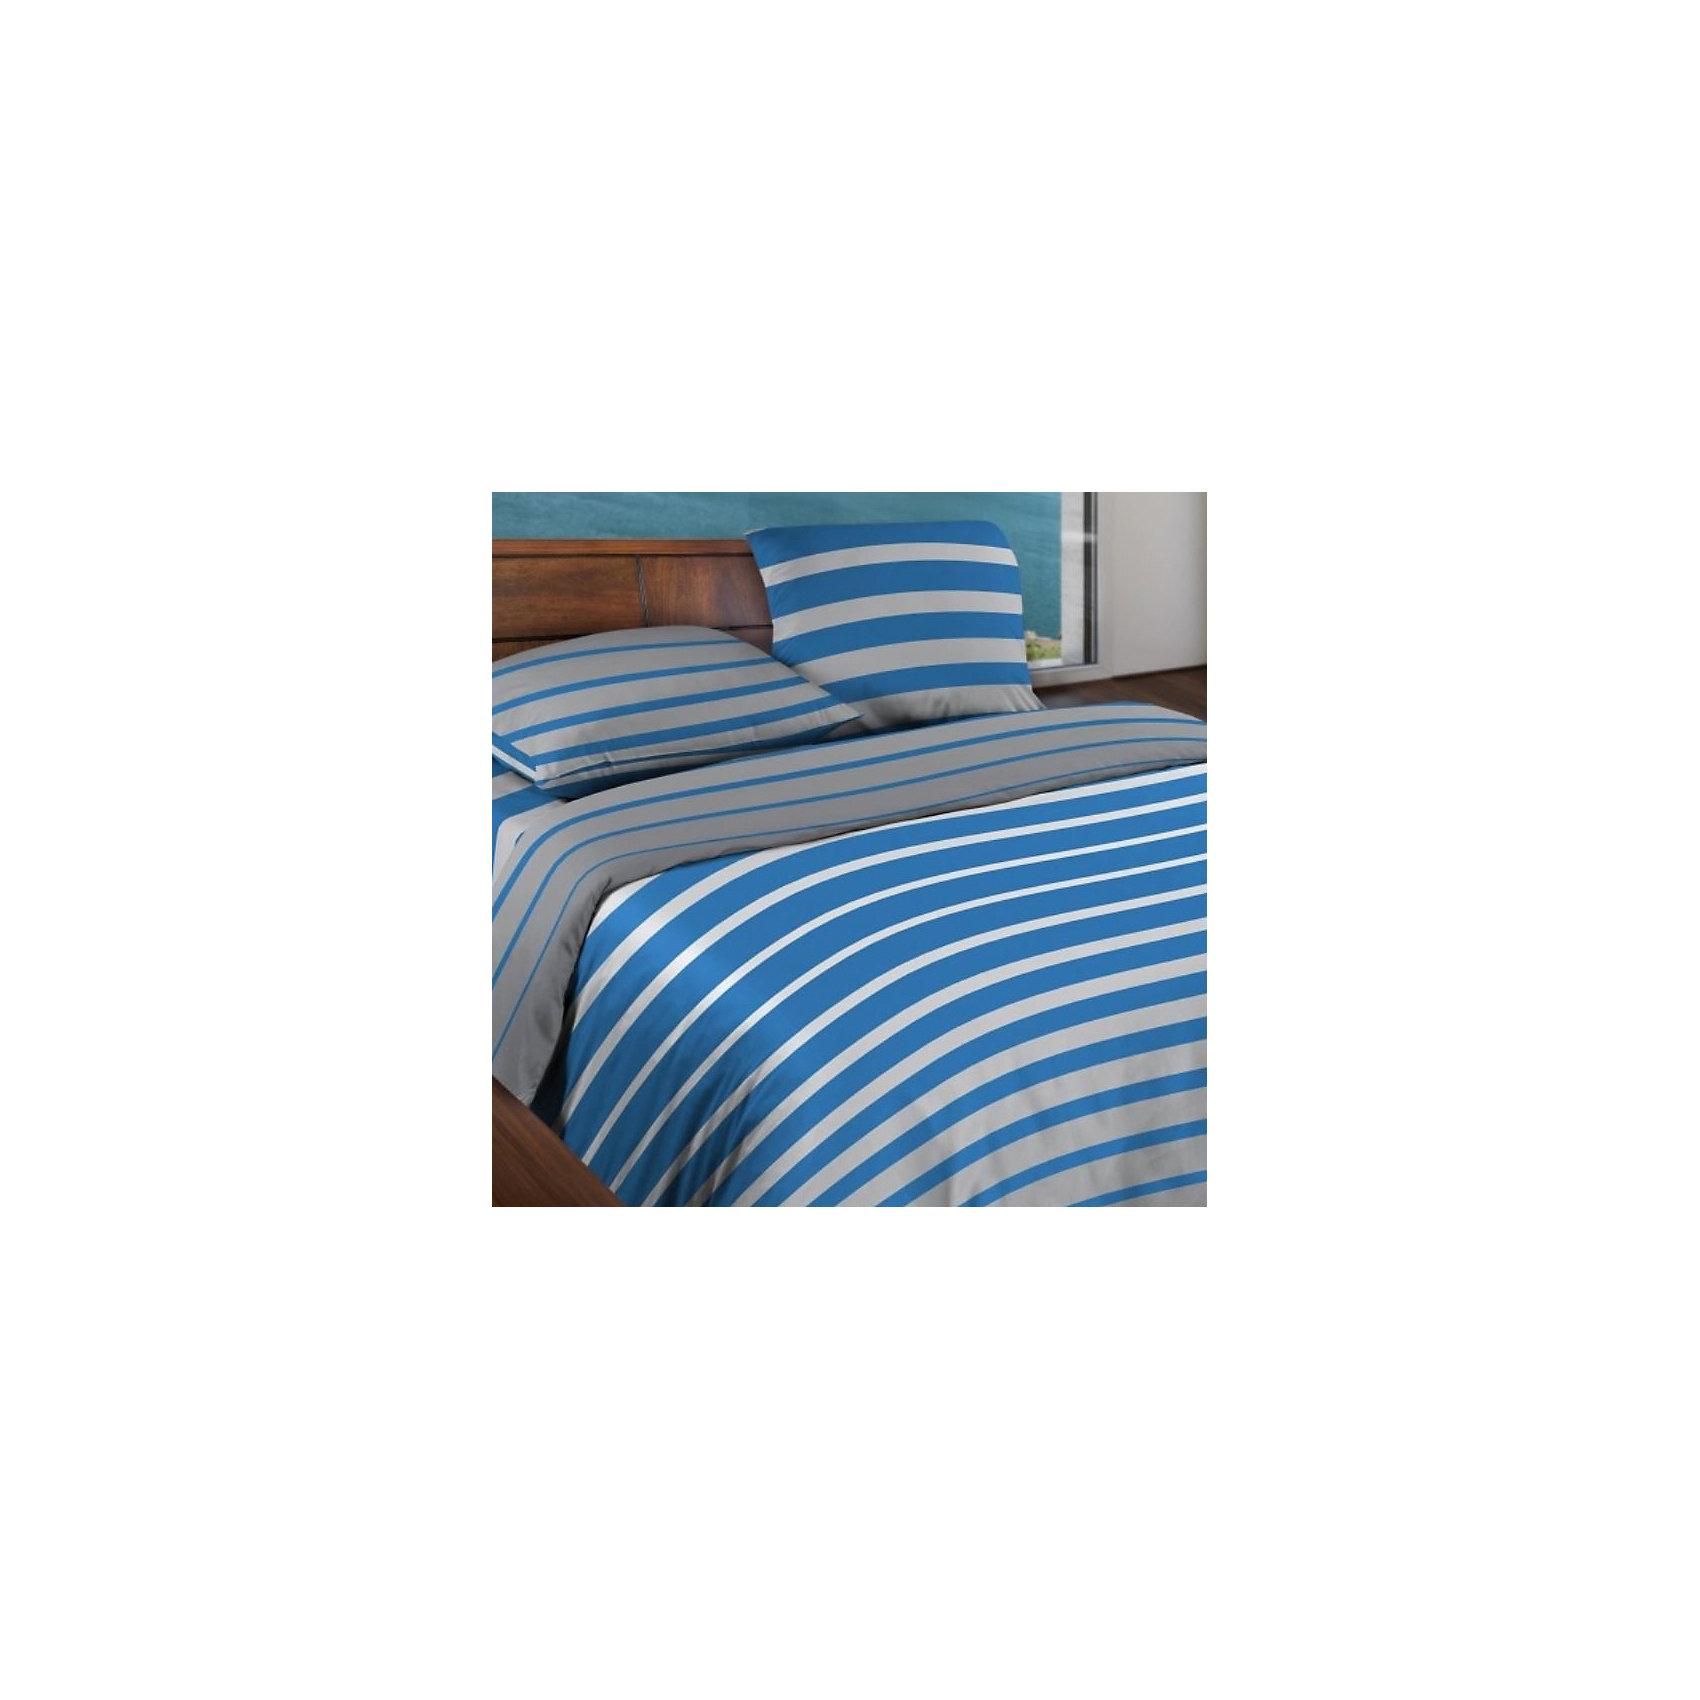 Постельное белье 1,5 сп. Stripe Blue БИО Комфорт, Wenge MotionДомашний текстиль<br>Характеристики 1,5 спального комплекта постельного белья   Stripe Blue  БИО Комфорт, Wenge Motion:<br><br>- производитель: Неотек<br>- материал: бязь<br>- состав: 100% хлопок<br>- размер комплекта: полутораспальный<br>- размер пододеяльника: 215*145 см.<br>- размер простыни: 220*150 см.<br>- размер наволочек: 70*70 (2 шт)<br>- упаковка комплекта: книжка пвх<br>- страна бренда: Россия<br>- страна производитель: Россия<br><br>Постельное белье 1,5 спального  Stripe Blue  серии Wenge Motion это богатые разнообразные однотонного дизайна постельного белья. Вы можете подобрать под интерьер своей спальни сочетание из двух цветов или, купив несколько комплектов, комбинировать их между собой, создавая каждый раз новую композицию под свое настроение. В комплекте предусмотрен двусторонний пододеяльник  со своим цветом с каждой стороны, что также позволяет расширять горизонты эксперимента в поисках положительных эмоций.<br>Постельное белье  Stripe Blue  серии Wenge Motion выполнено из приятной на ощупь ткани БИОкомфорт с повышенными показателями износостойкости. Ткань БИО комфорт- это бязь полотняного переплетения, выполненной из натурального 100% хлопка. Она приятная и мягкая на ощупь, имеет ровную и гладкую поверхность, на которой значительно лучше смотрится качество и яркость печати рисунка.<br><br>Комплекта постельного белья   Stripe Blue  серии Wenge Motion можно купить в нашем интернет-магазине.<br><br>Ширина мм: 370<br>Глубина мм: 70<br>Высота мм: 370<br>Вес г: 1400<br>Возраст от месяцев: 36<br>Возраст до месяцев: 216<br>Пол: Унисекс<br>Возраст: Детский<br>SKU: 5100113